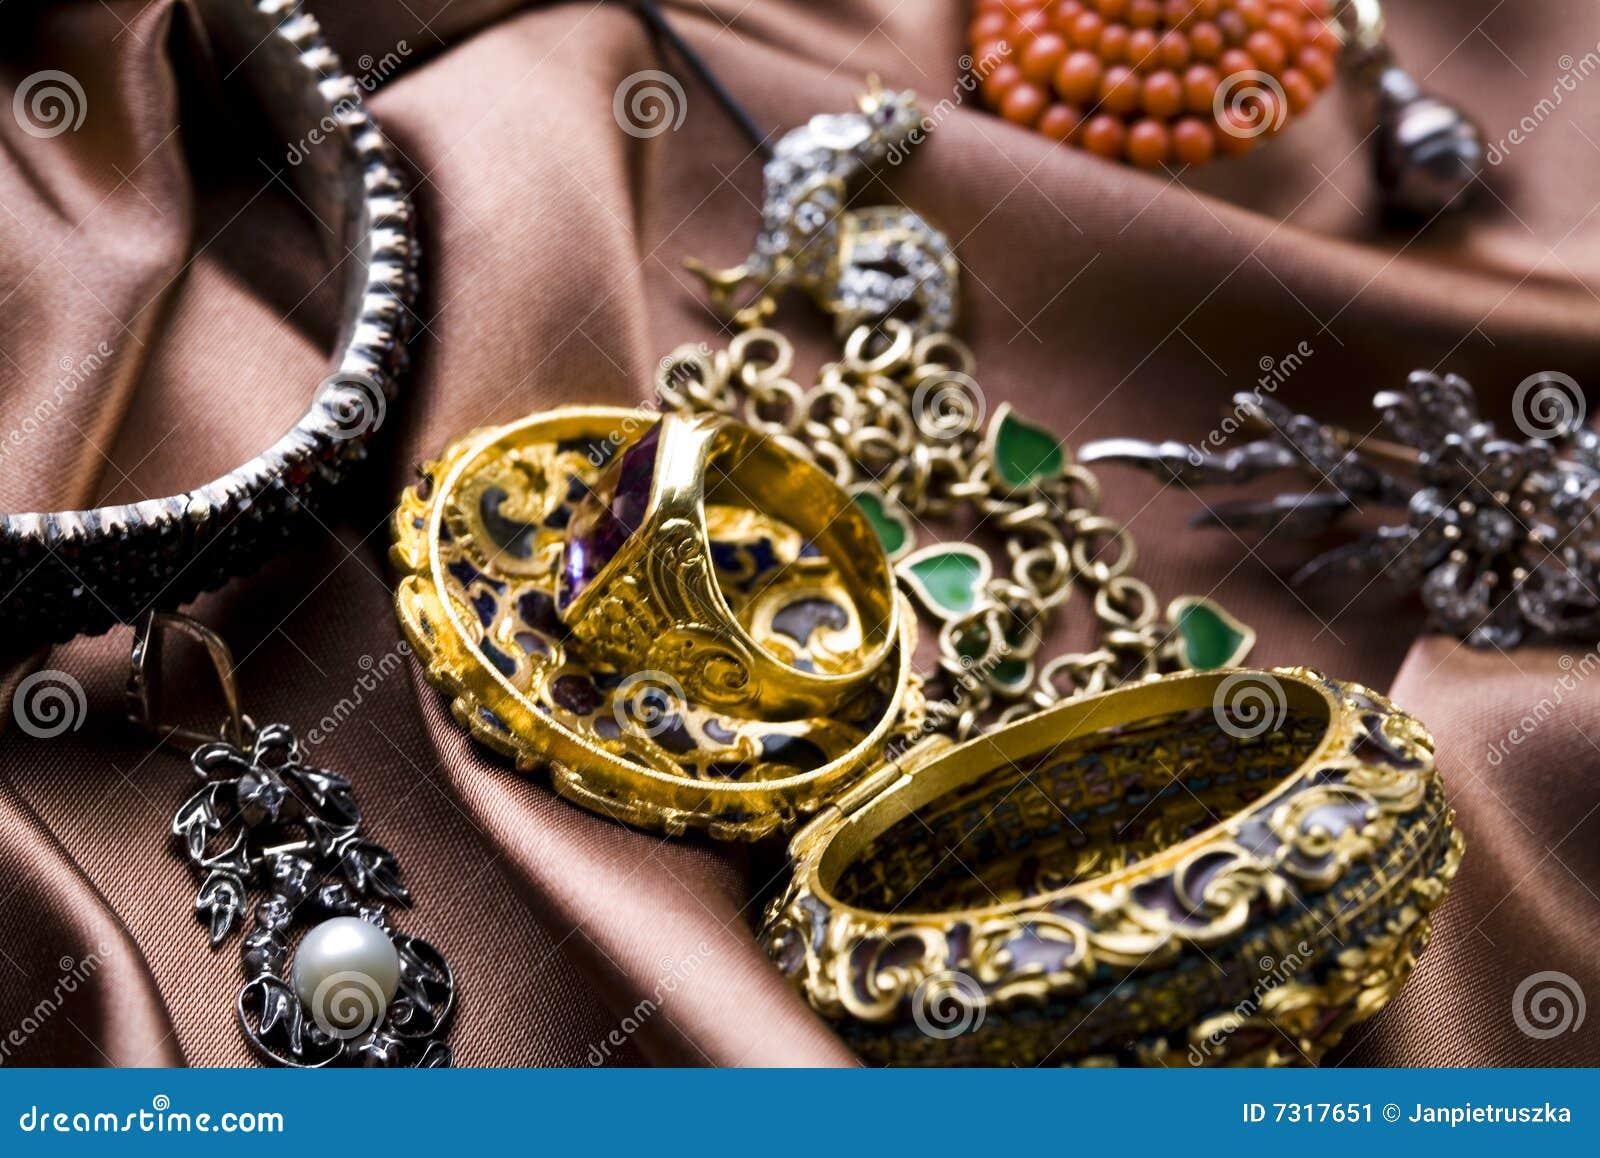 Piedras preciosas - joyas